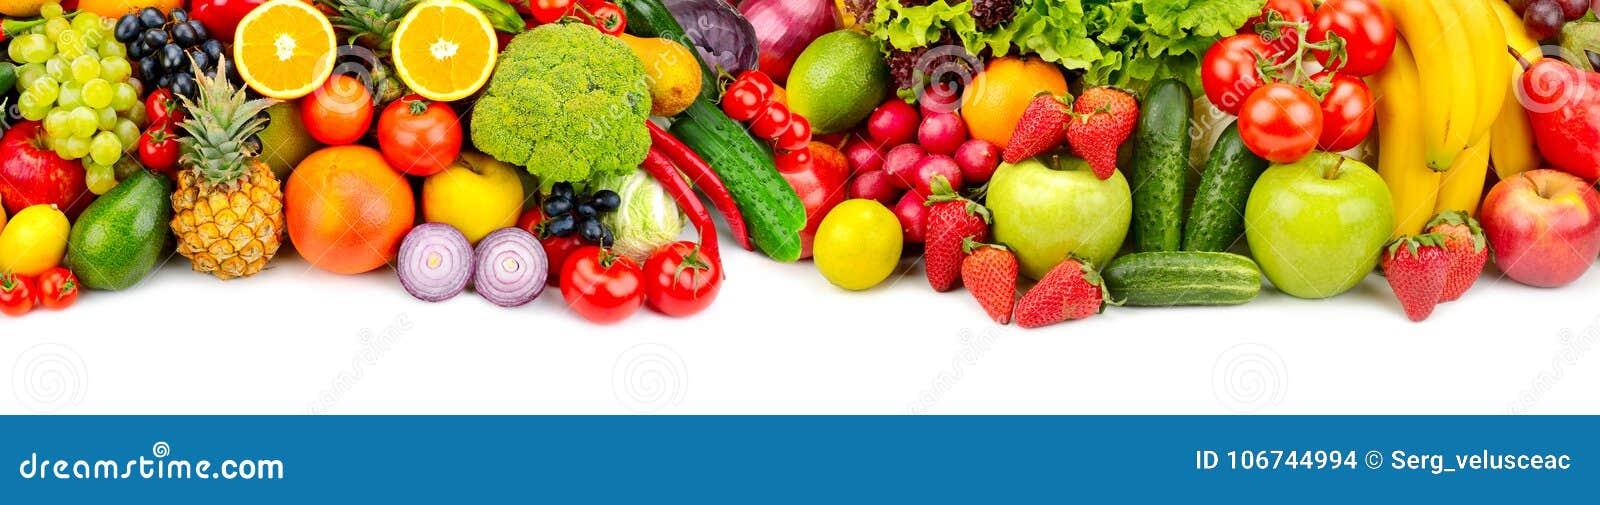 Panoramische inzamelings verse vruchten en groenten voor skinali ISO